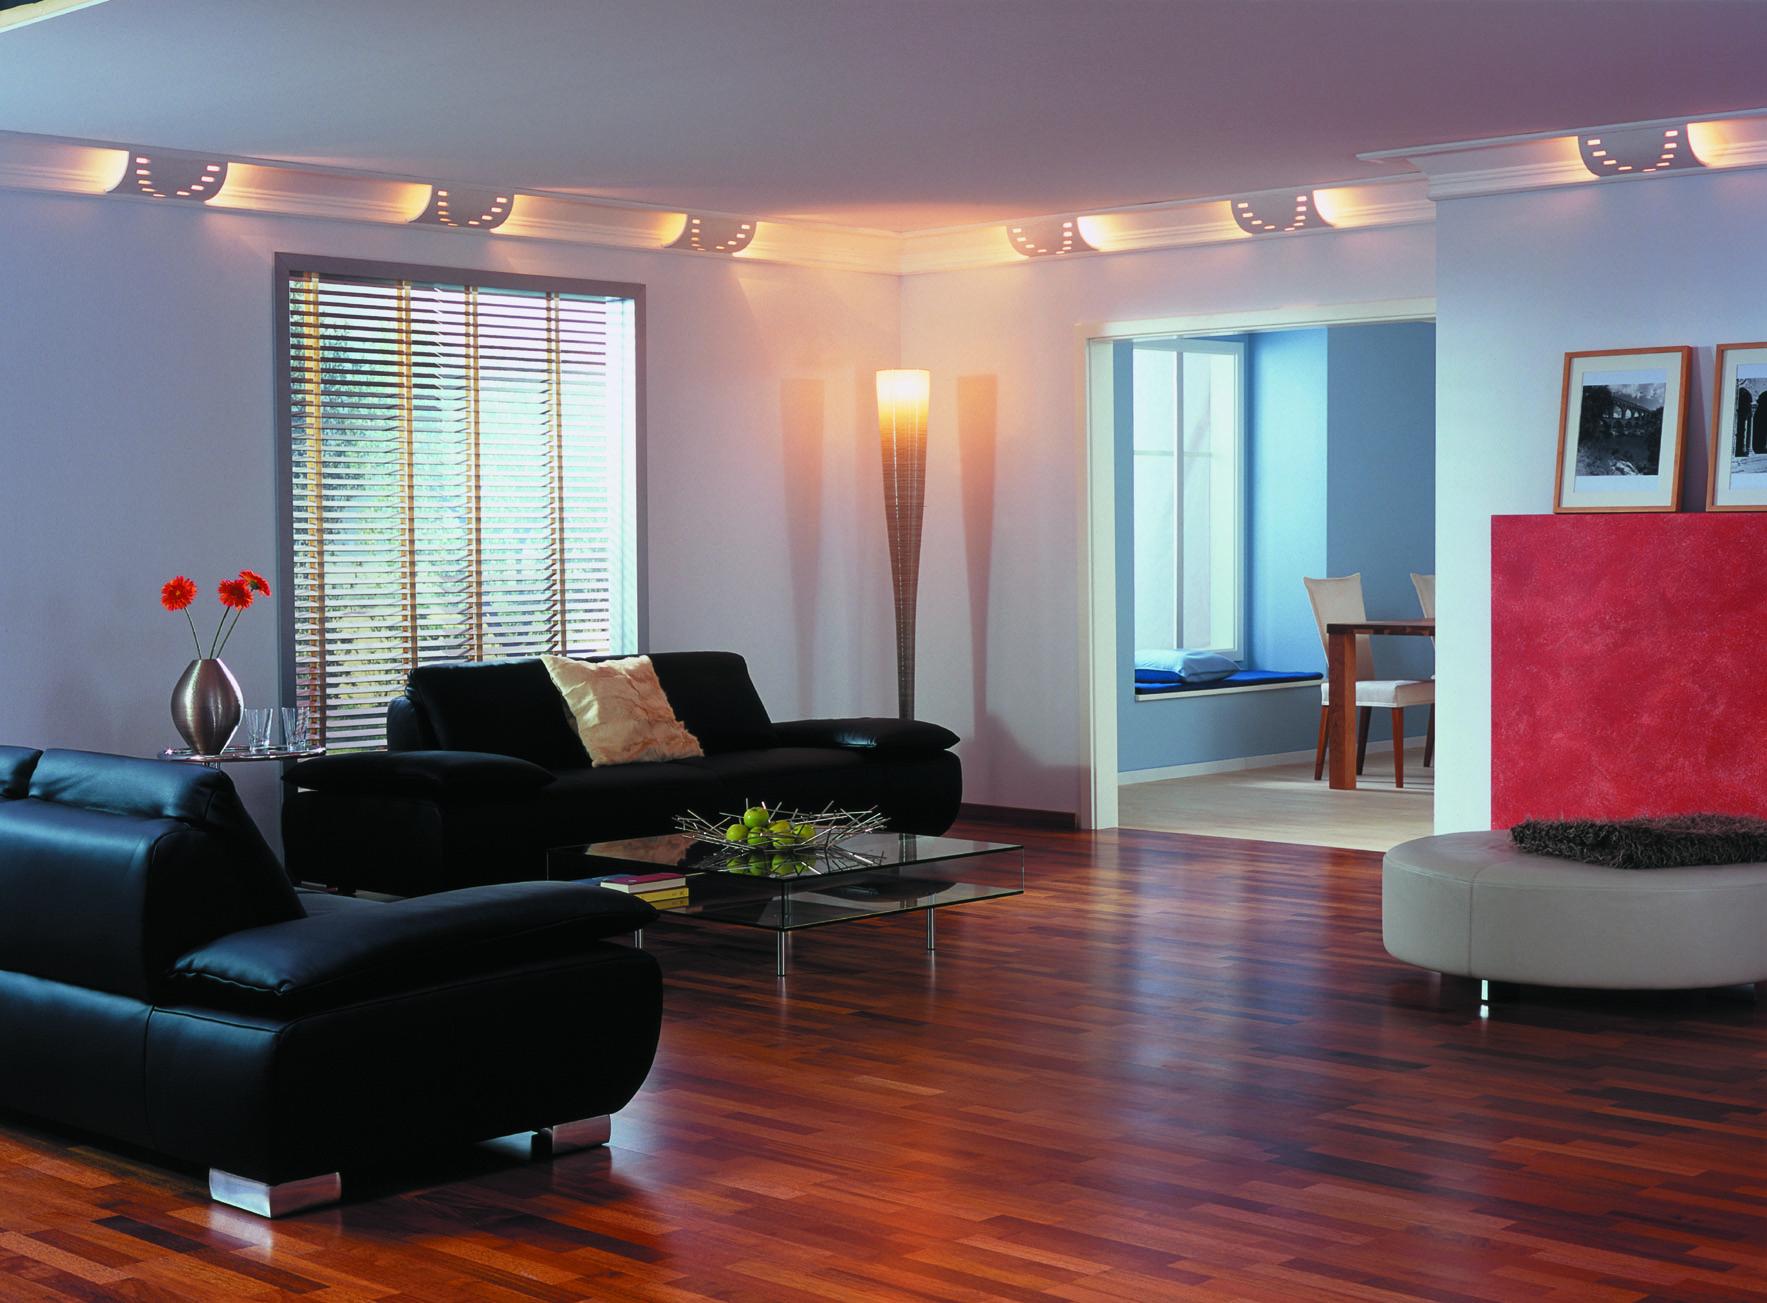 Натяжной тканевый потолок Clipso с дизайнерскими светильниками по периметру